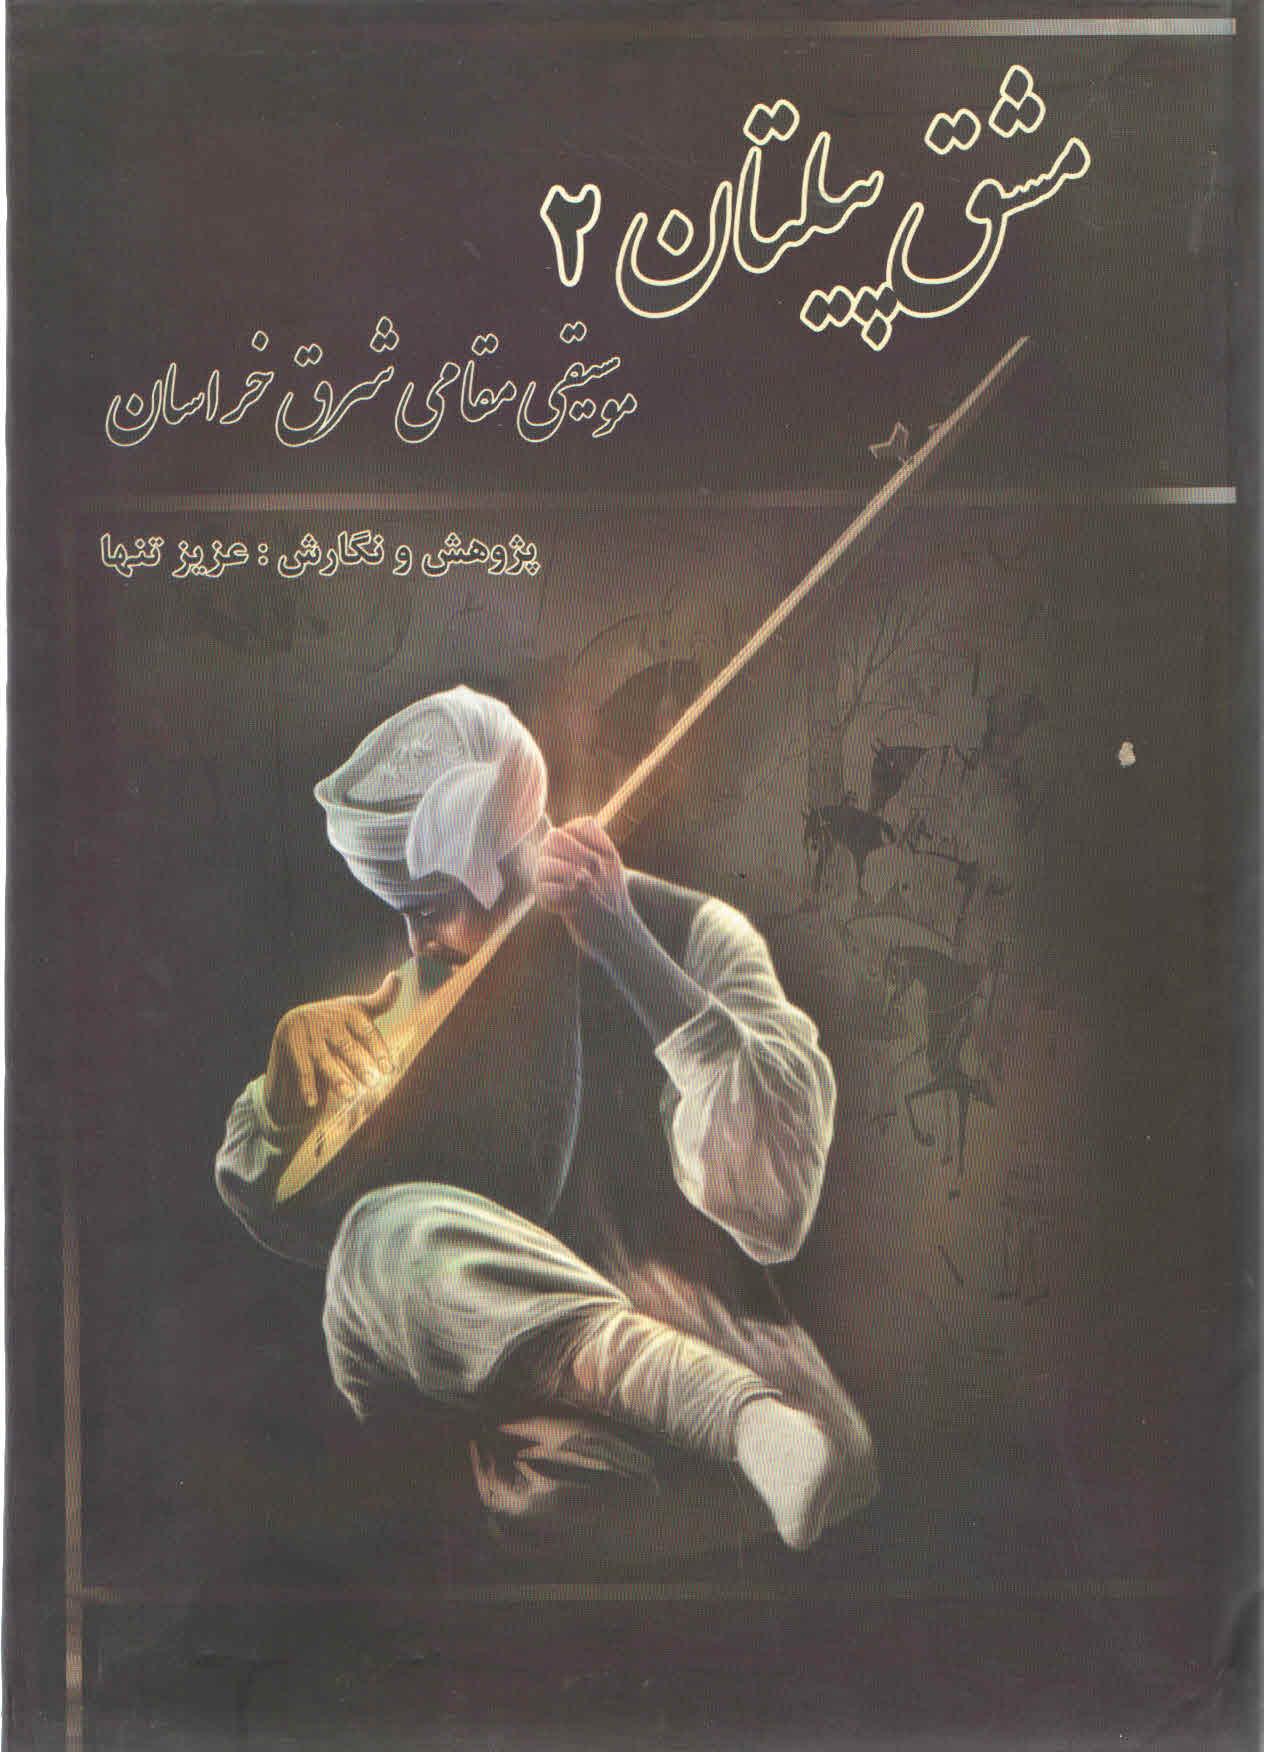 مشق پیلتان جلد دوم - موسیقی مقامی شرق خراسان - عزیز تنها